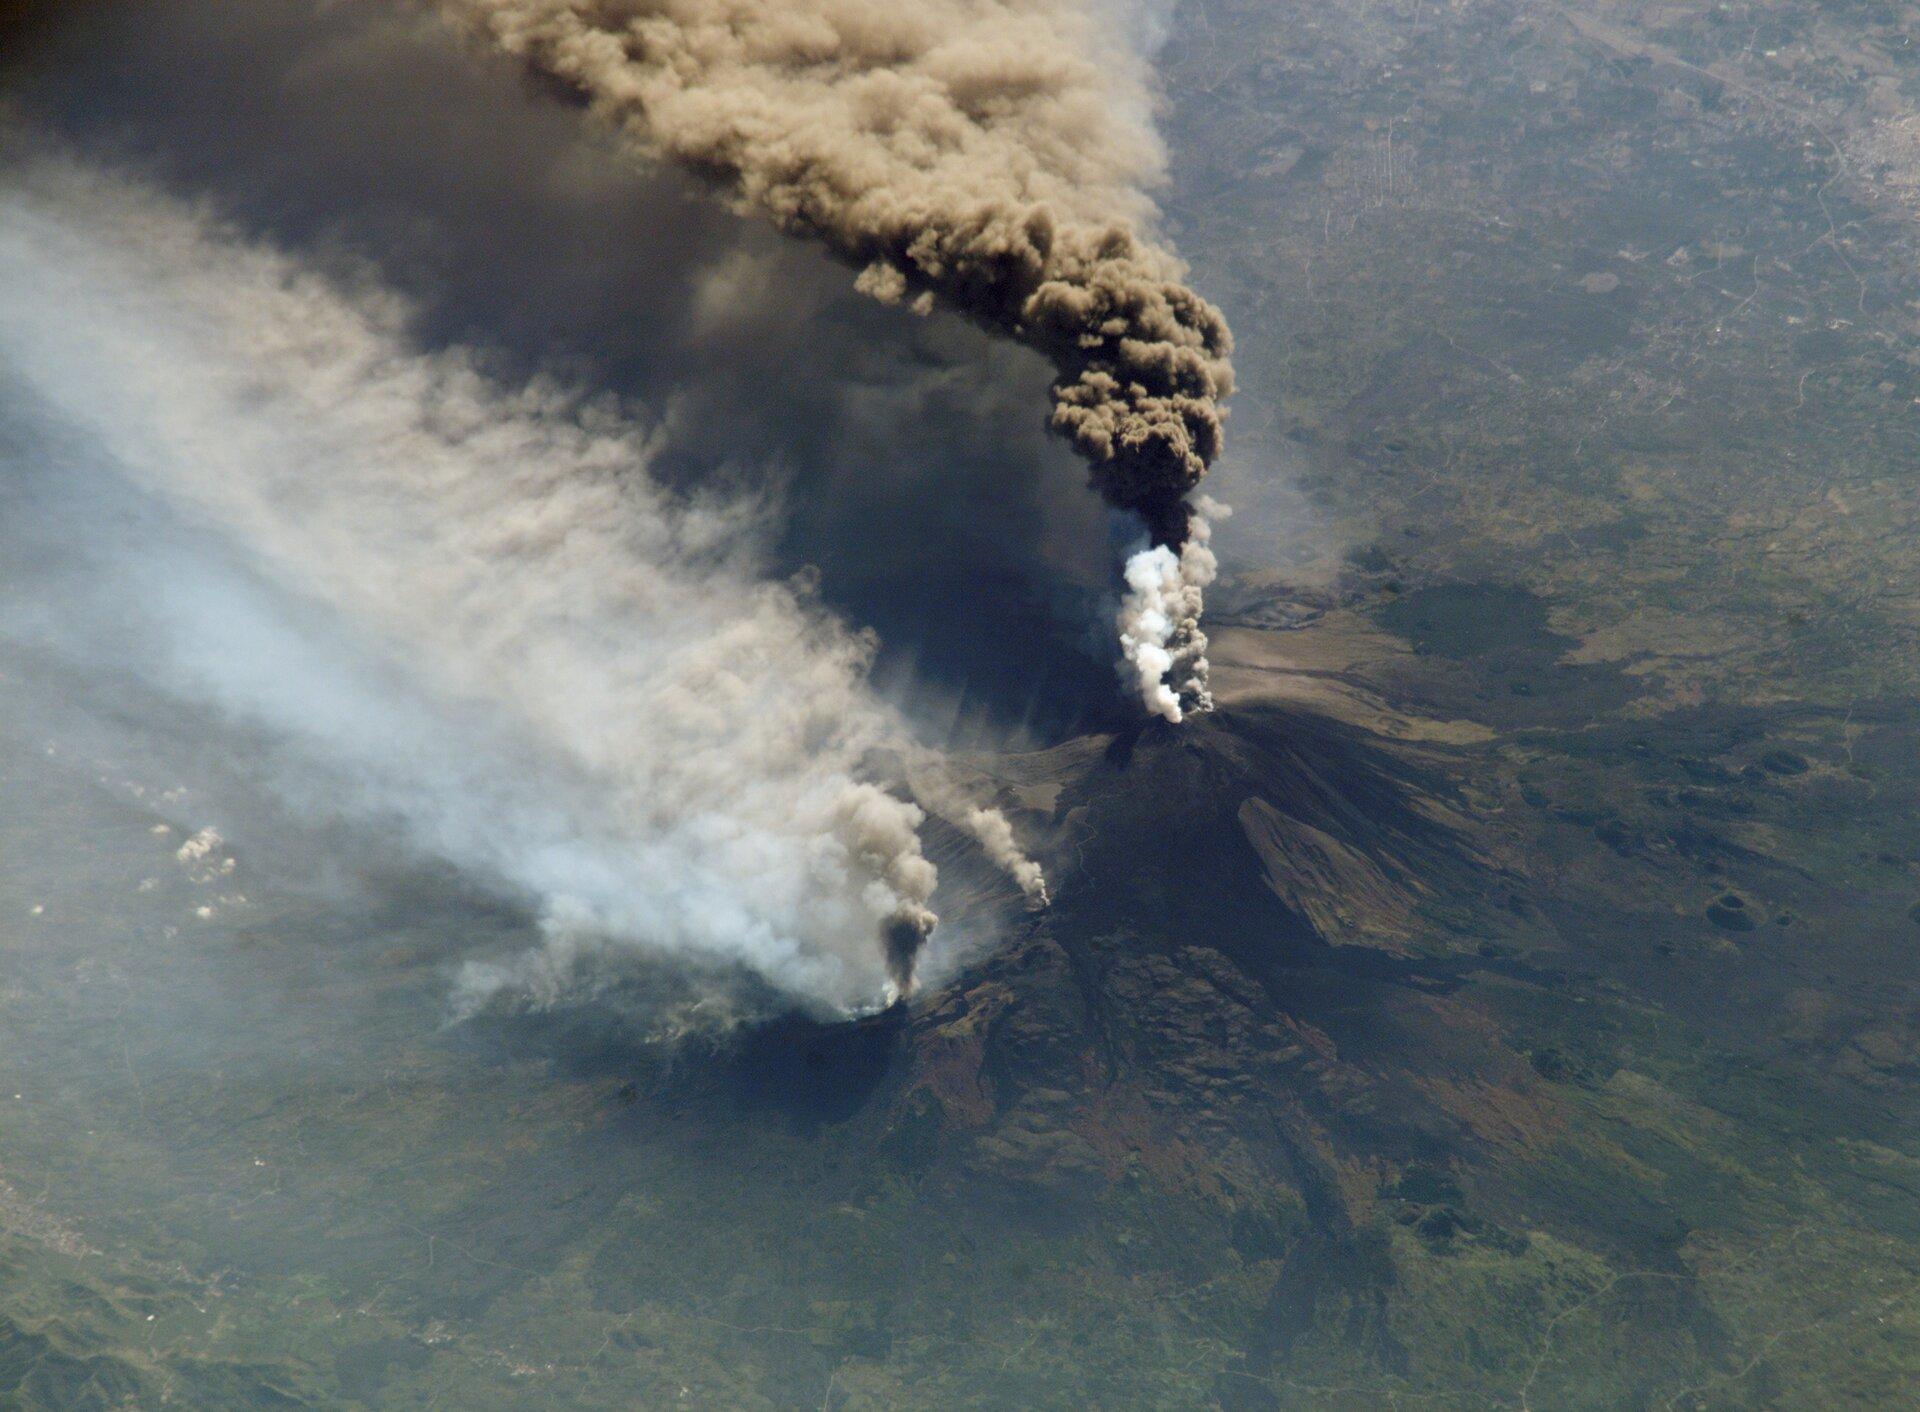 Fotografia wykonana zgóry przedstawia wulkan podczas erupcji. Ze szczytu wulkanu wydobywa się chmura biało-brazowych gazów ipyłów.